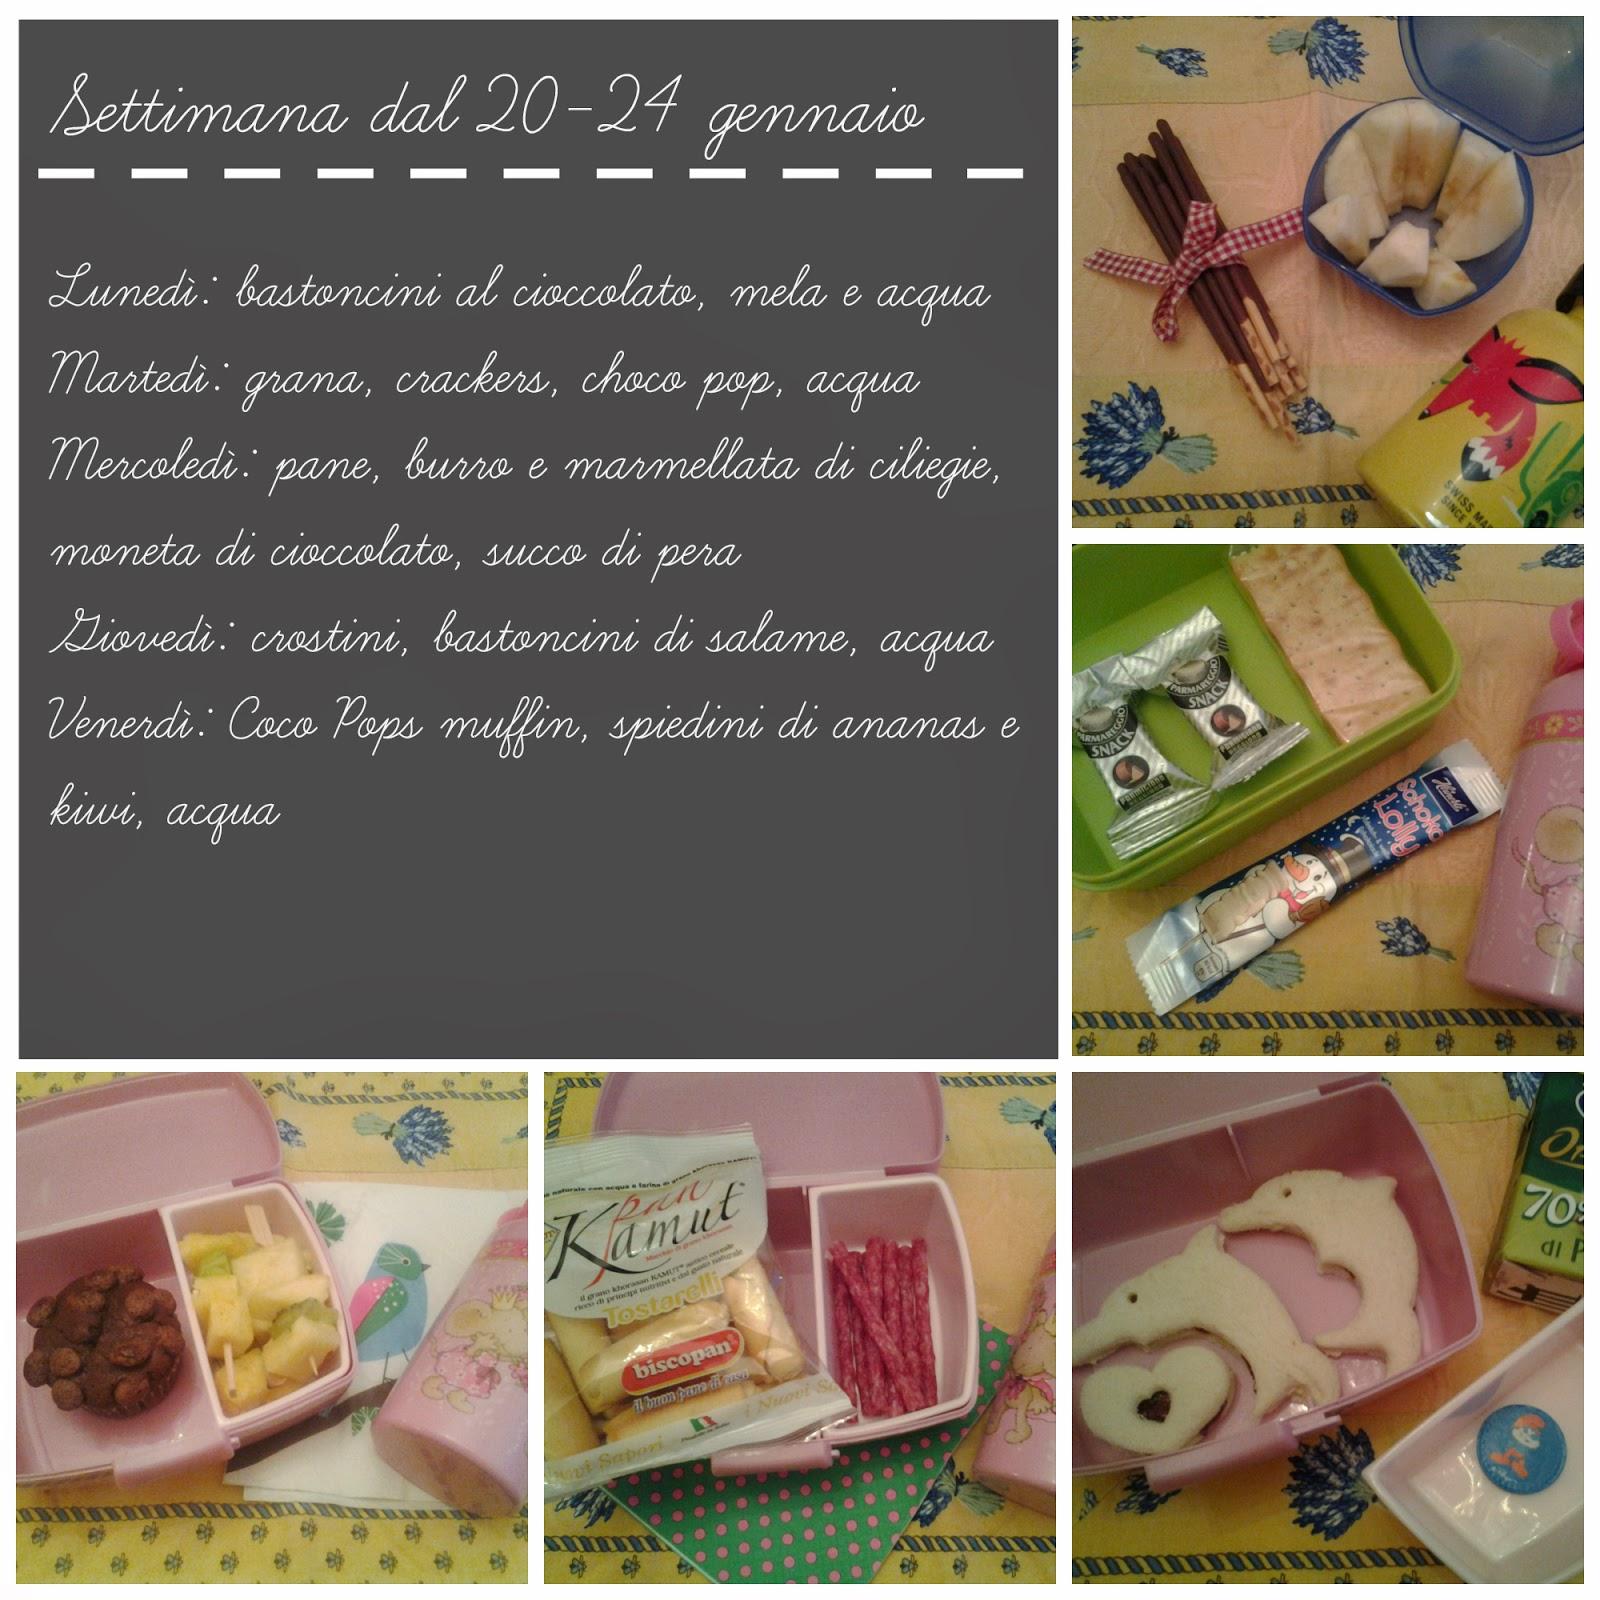 http://www.colazionialetto.com/2014/02/lemerendedicamilla-settimana-dal-20-24.html